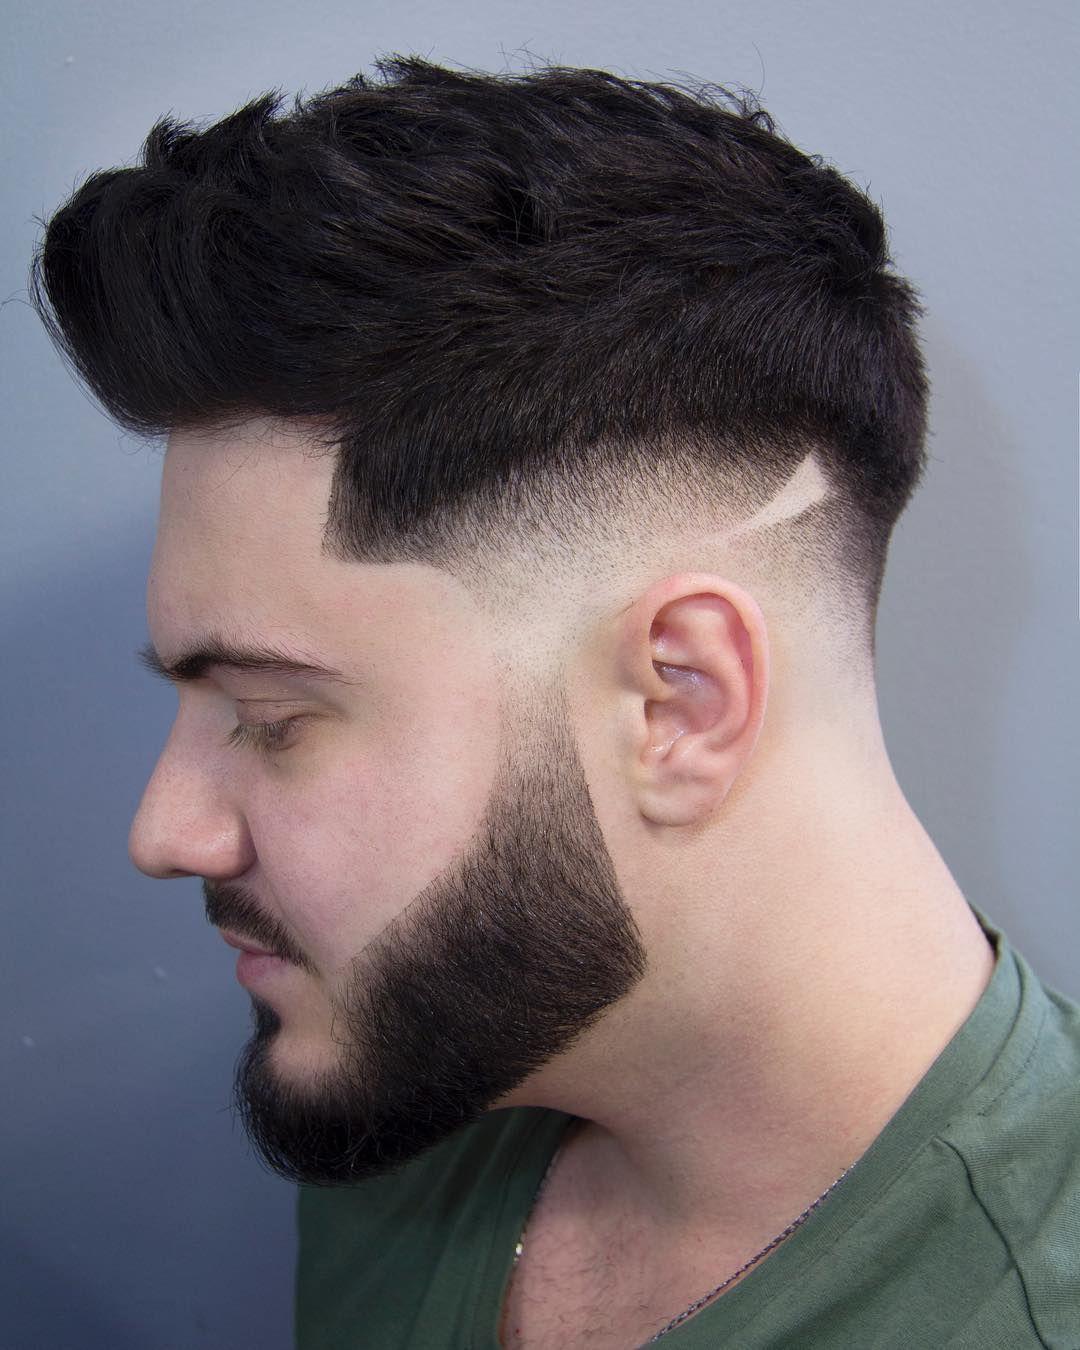 Rasiert Seiten Frisuren  Mnner Frisuren 2018  rasierte